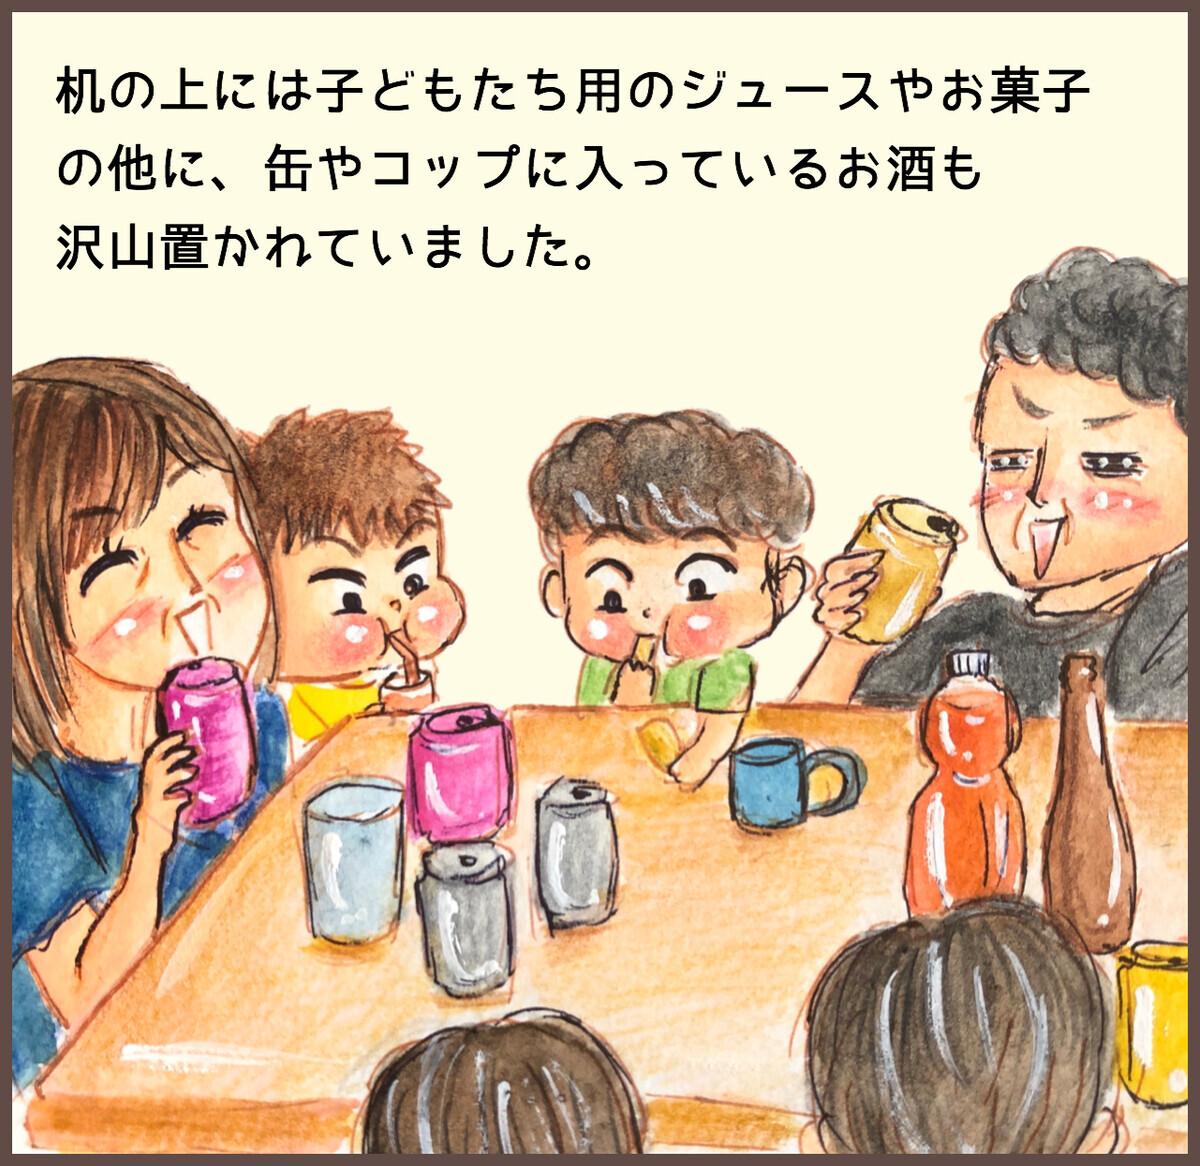 机の上には子どもたち用のジュースやお菓子の他に、缶やコップに入っているお酒もたくさん置かれていました。